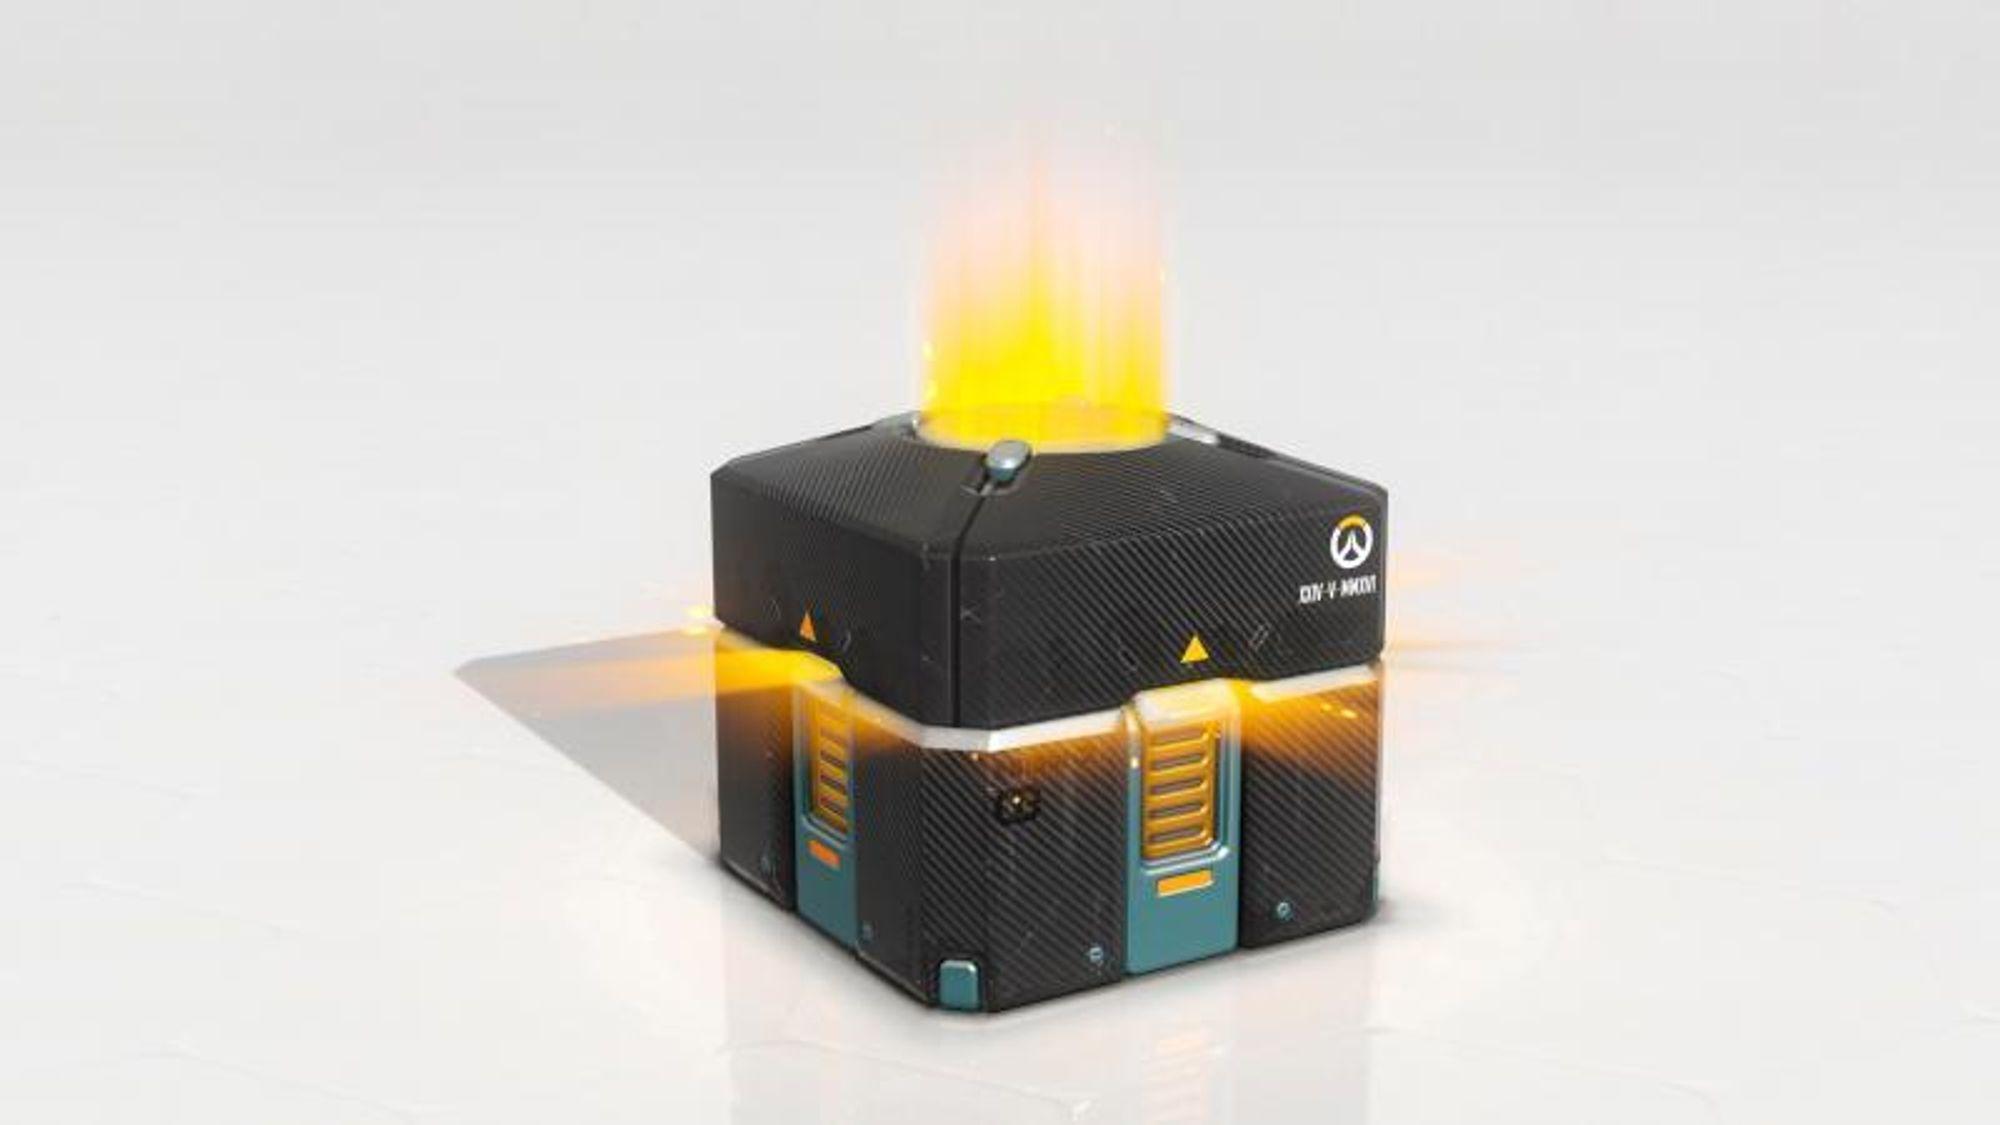 Loot boxes har ulikt utseende, og har ulikt innhold fra spill til spill. Her en loot box fra spillet Overwatch.